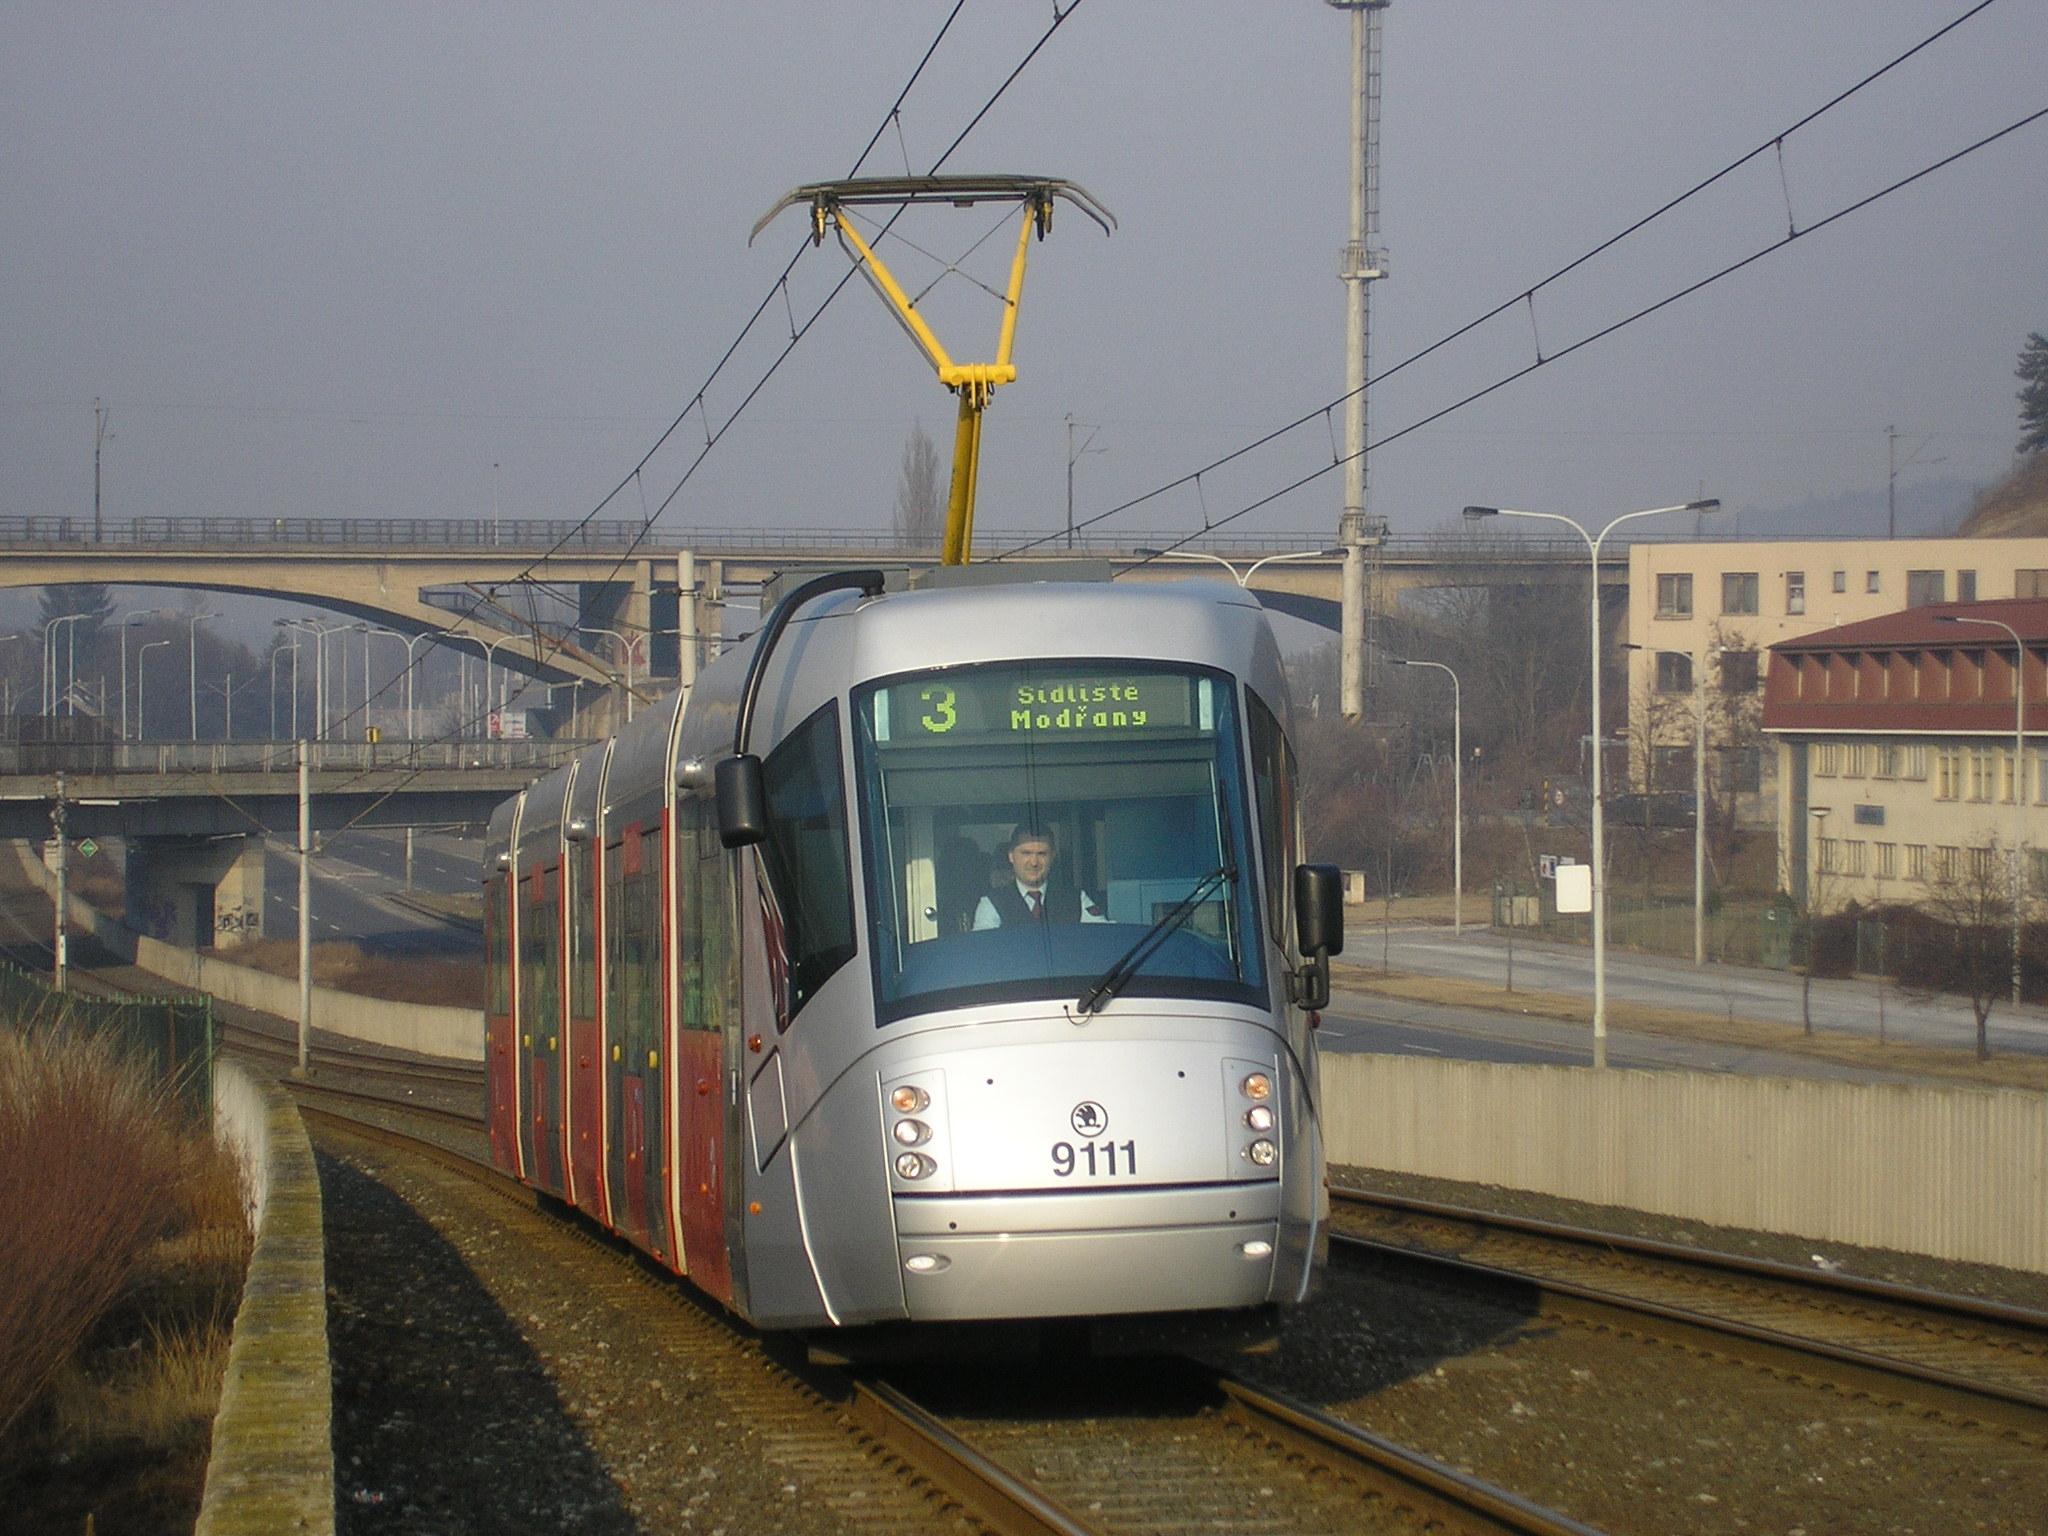 Prototyp tramvaje Škoda 14 T ev. č. 9111 na modřanské estakádě v první dny provozu v lednu 2006. (foto: Ing. Filip Jiřík)